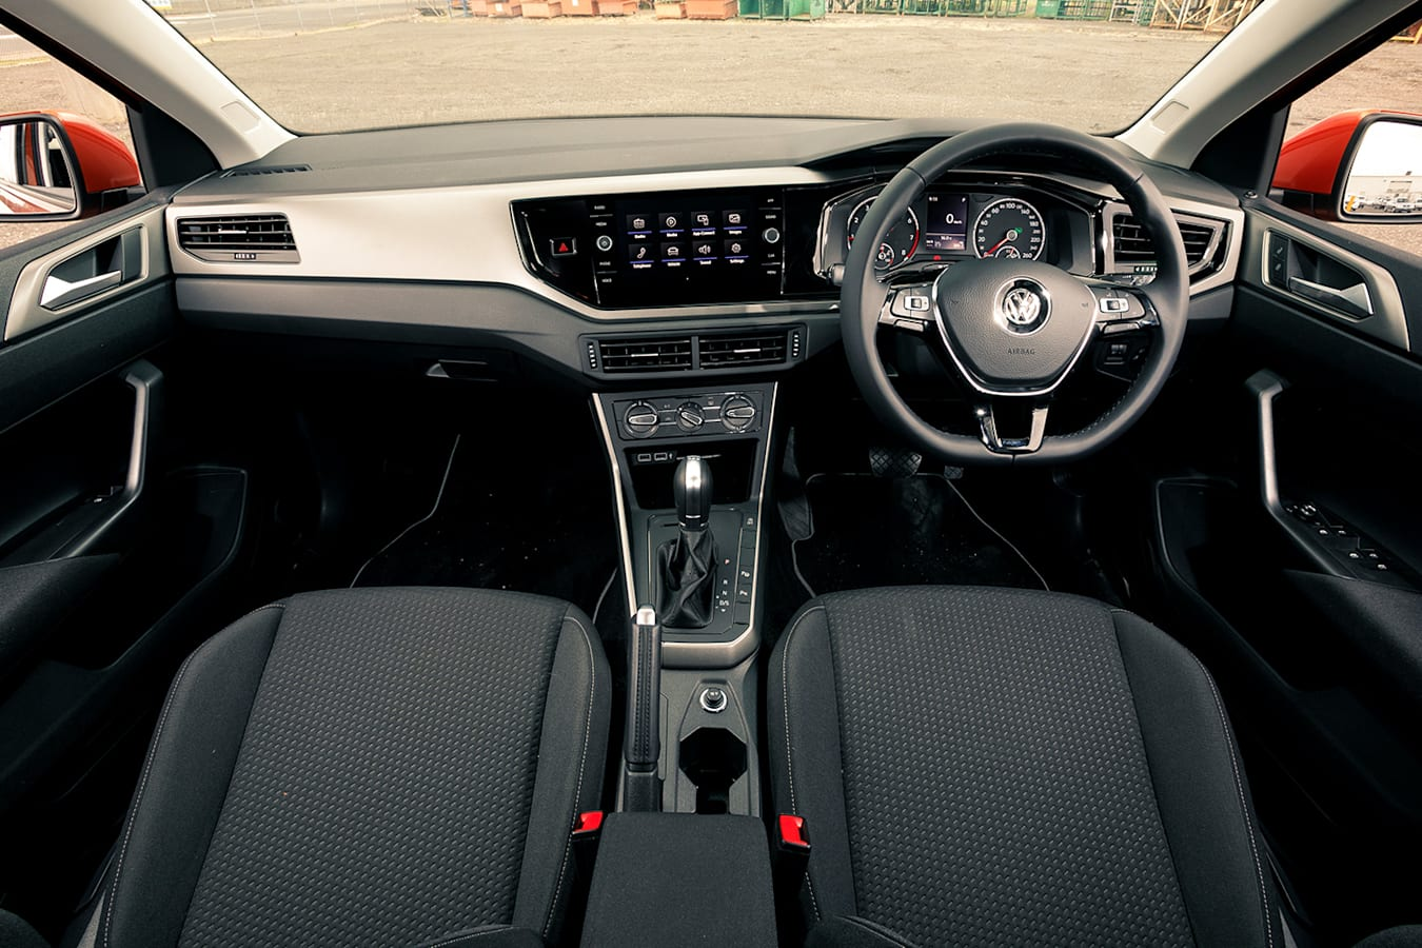 Vw Suzuki Polo Interior Wide Jpg